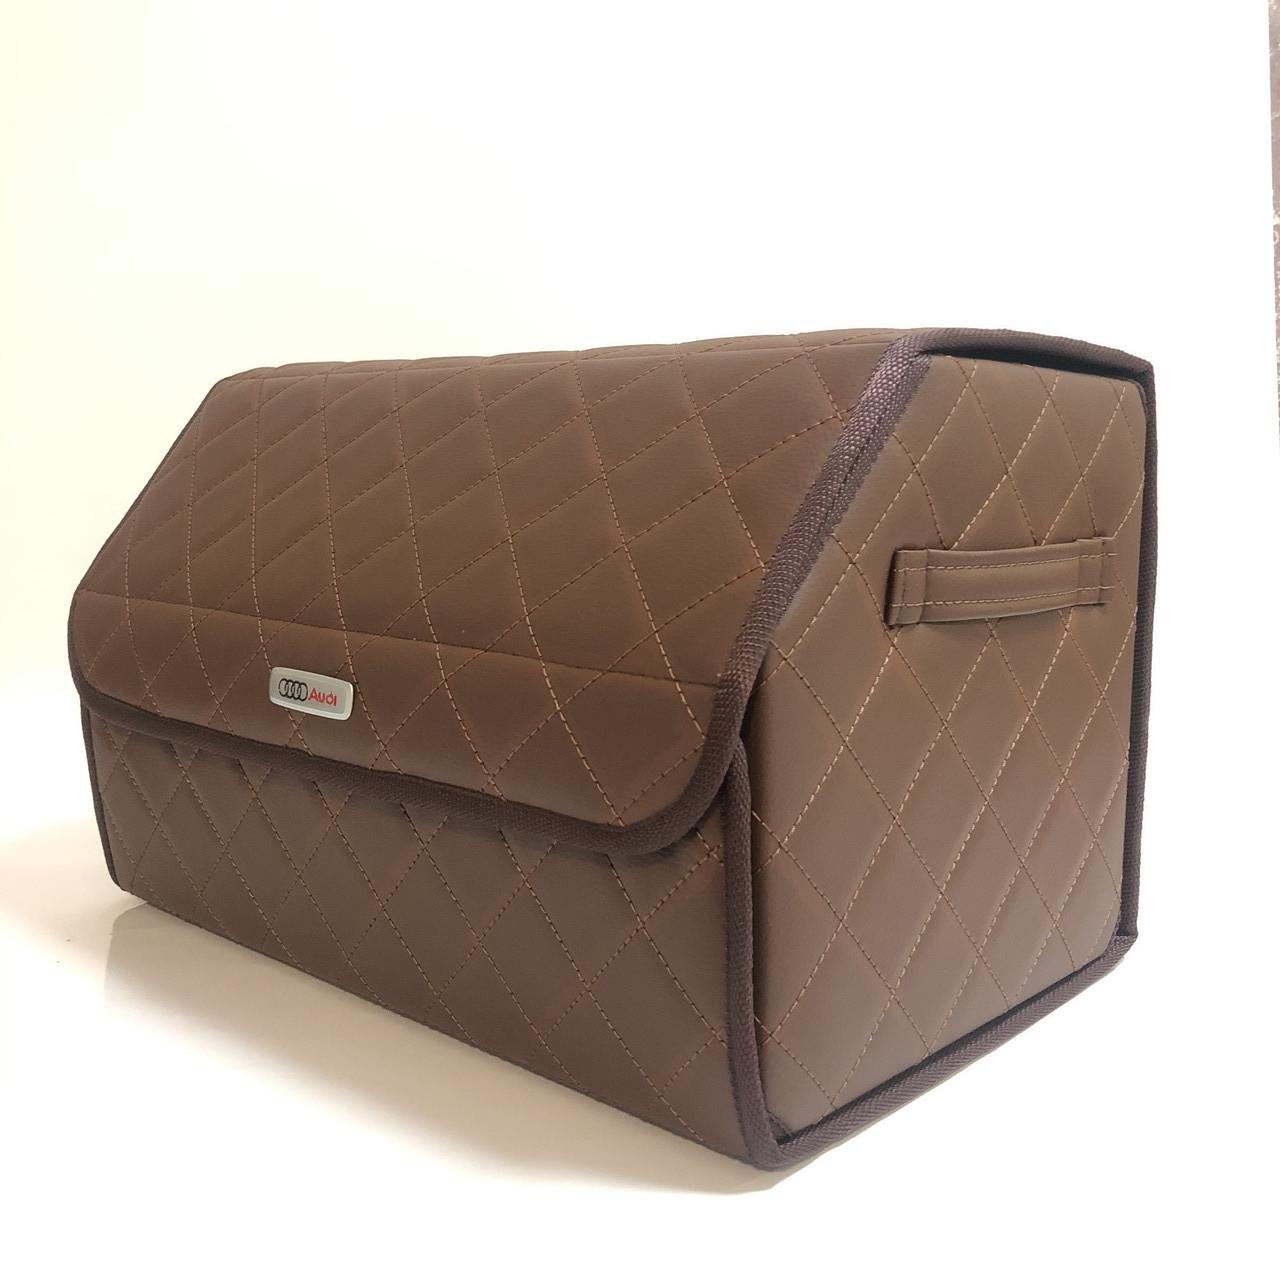 Саквояж с лого в багажник «Audi» I Органайзер в авто коричневый АУДИ